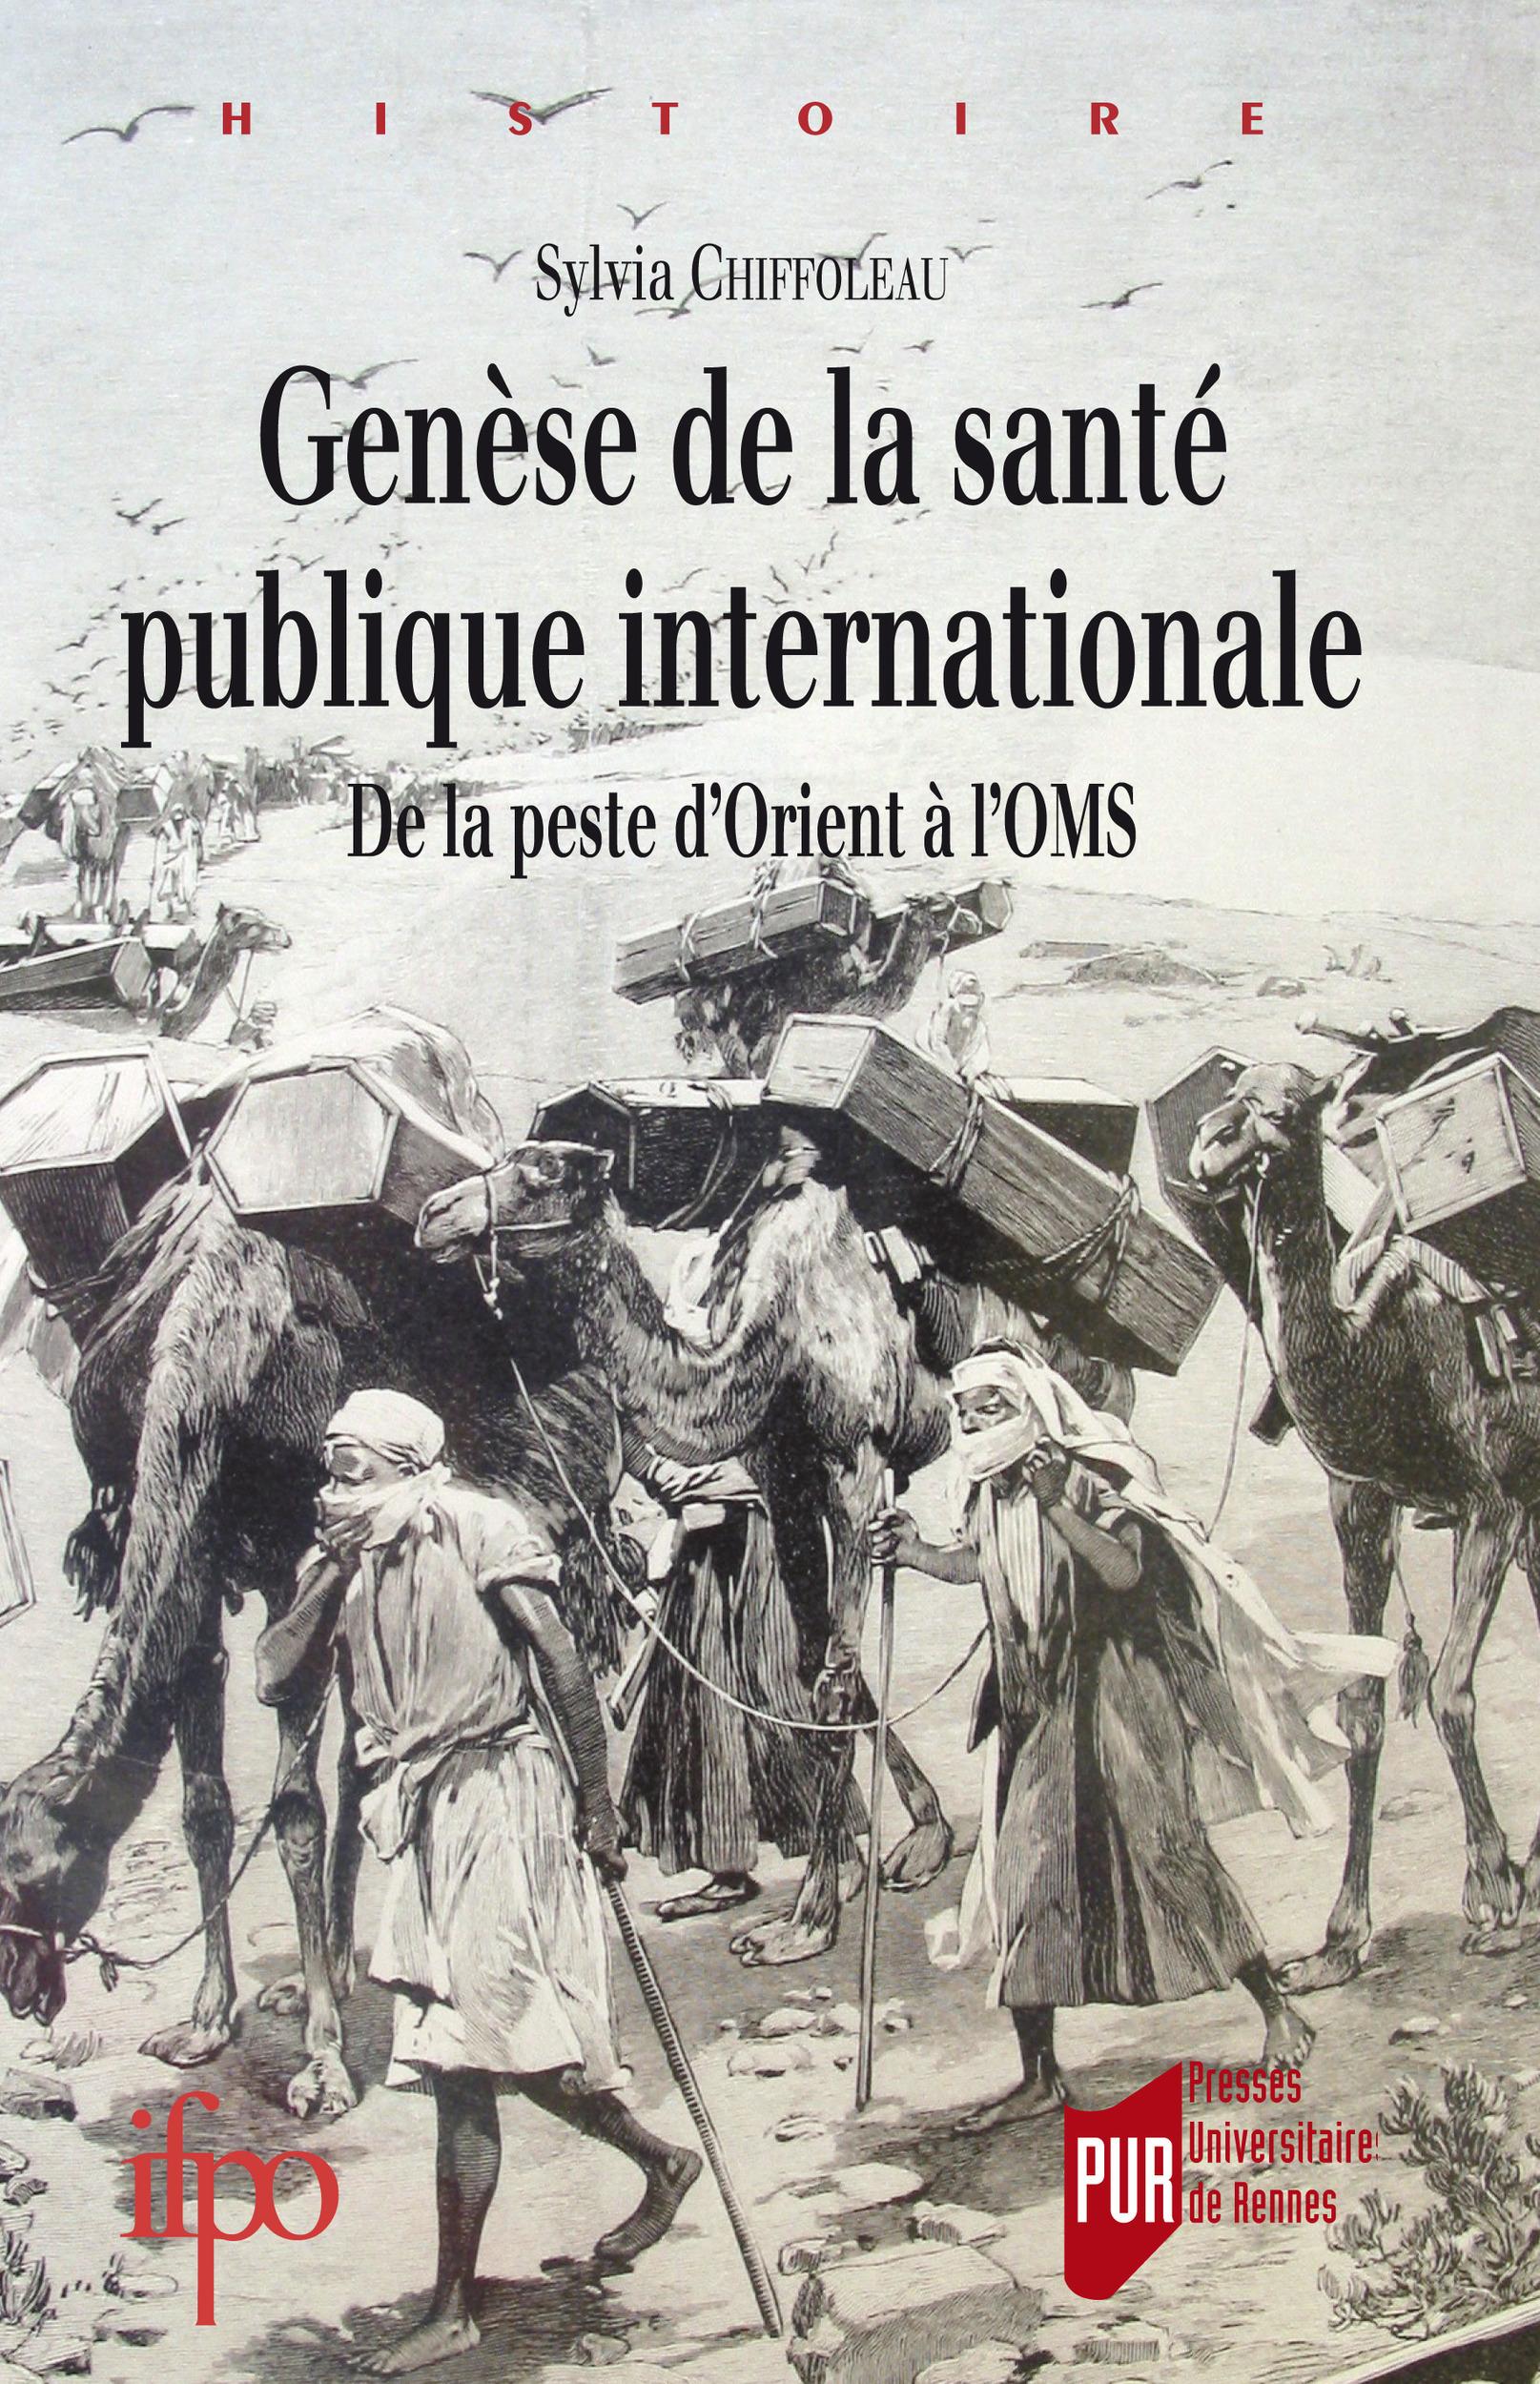 Genèse de la santé publique internationale ; de la peste d'orient à l'OMS